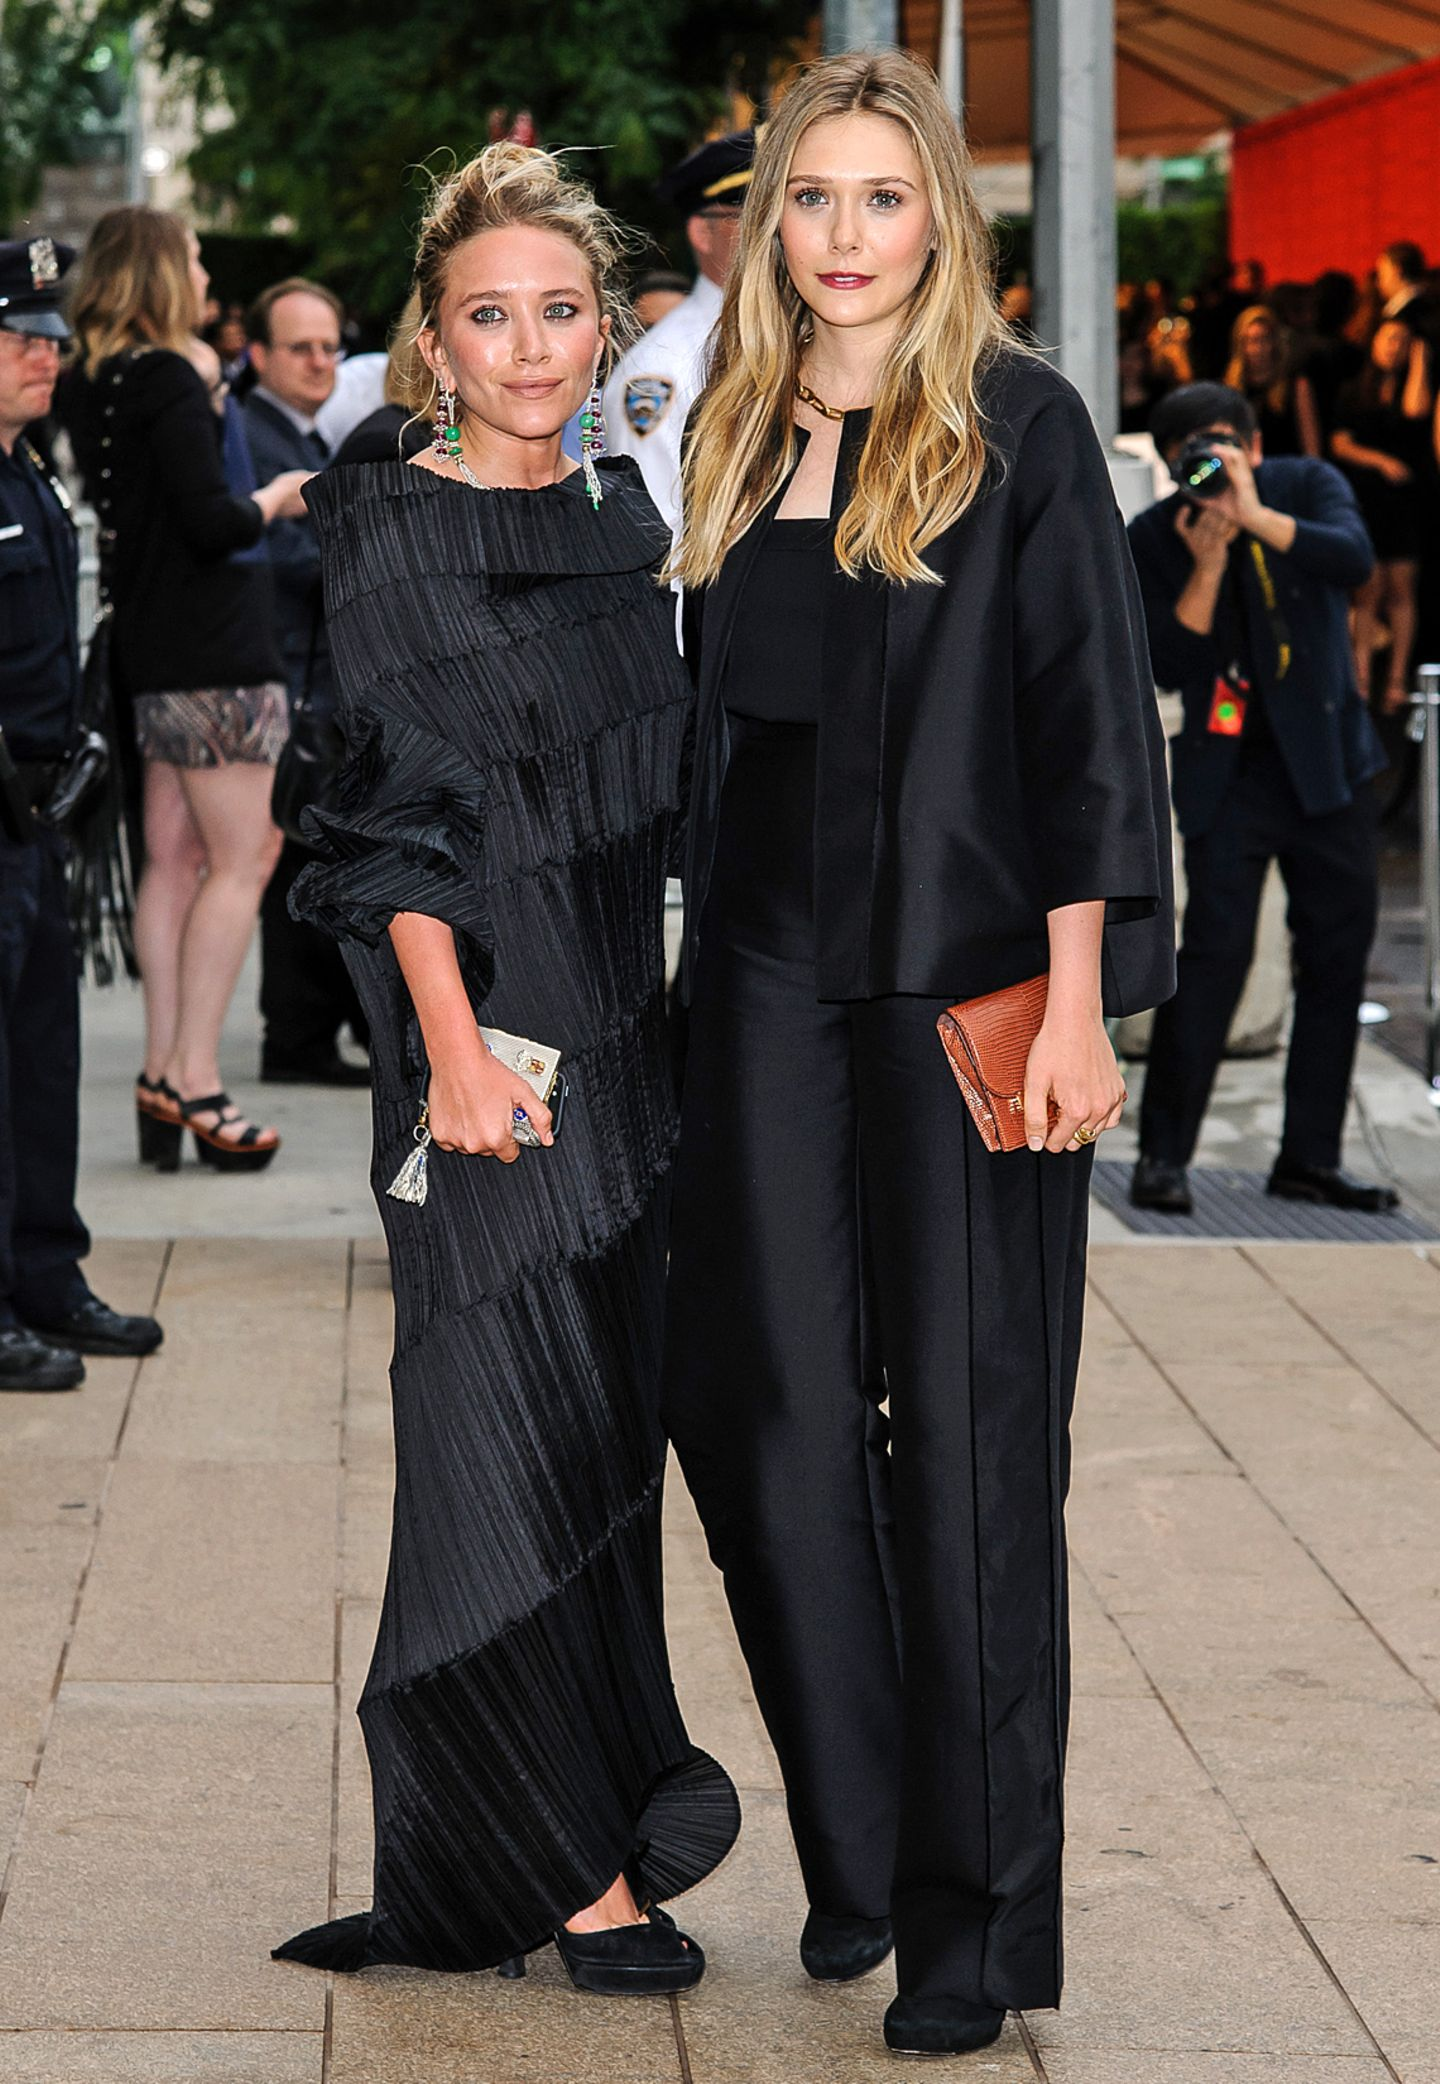 Mary-Kate Olsen in Issey Miyake, Elizabeth Olsen in The Row